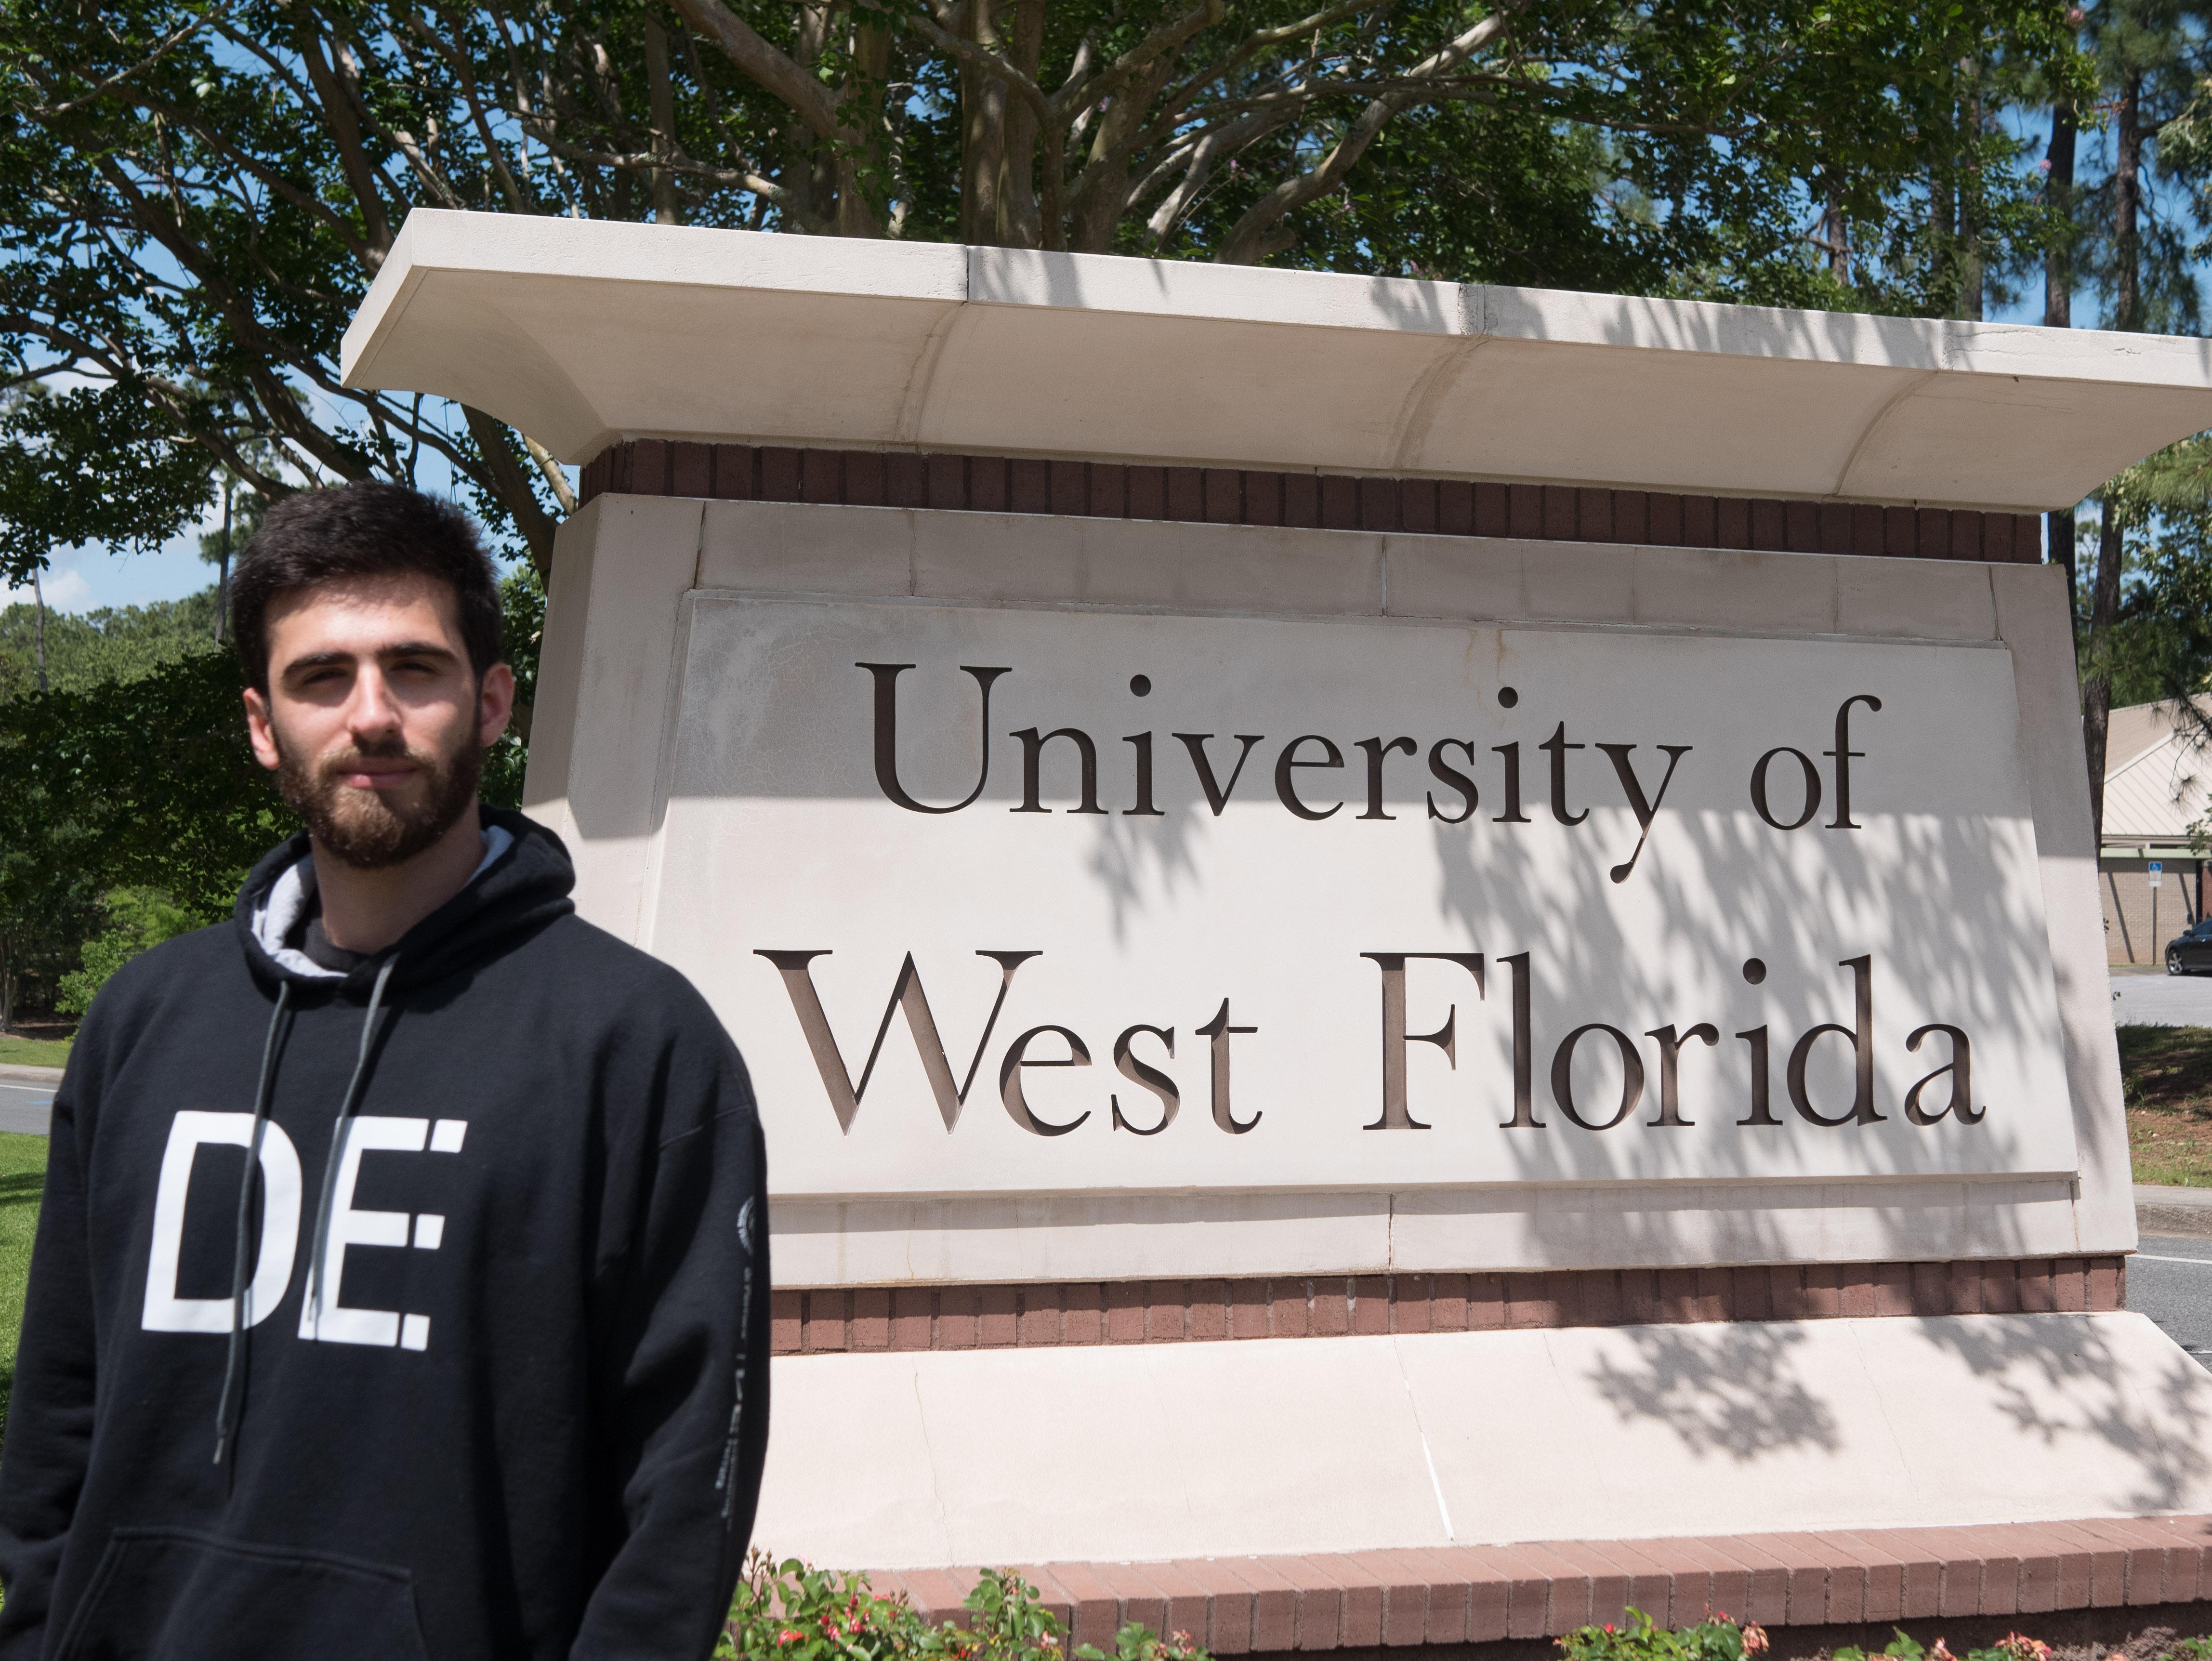 Nuovo bando di Doppio titolo con University of West Florida